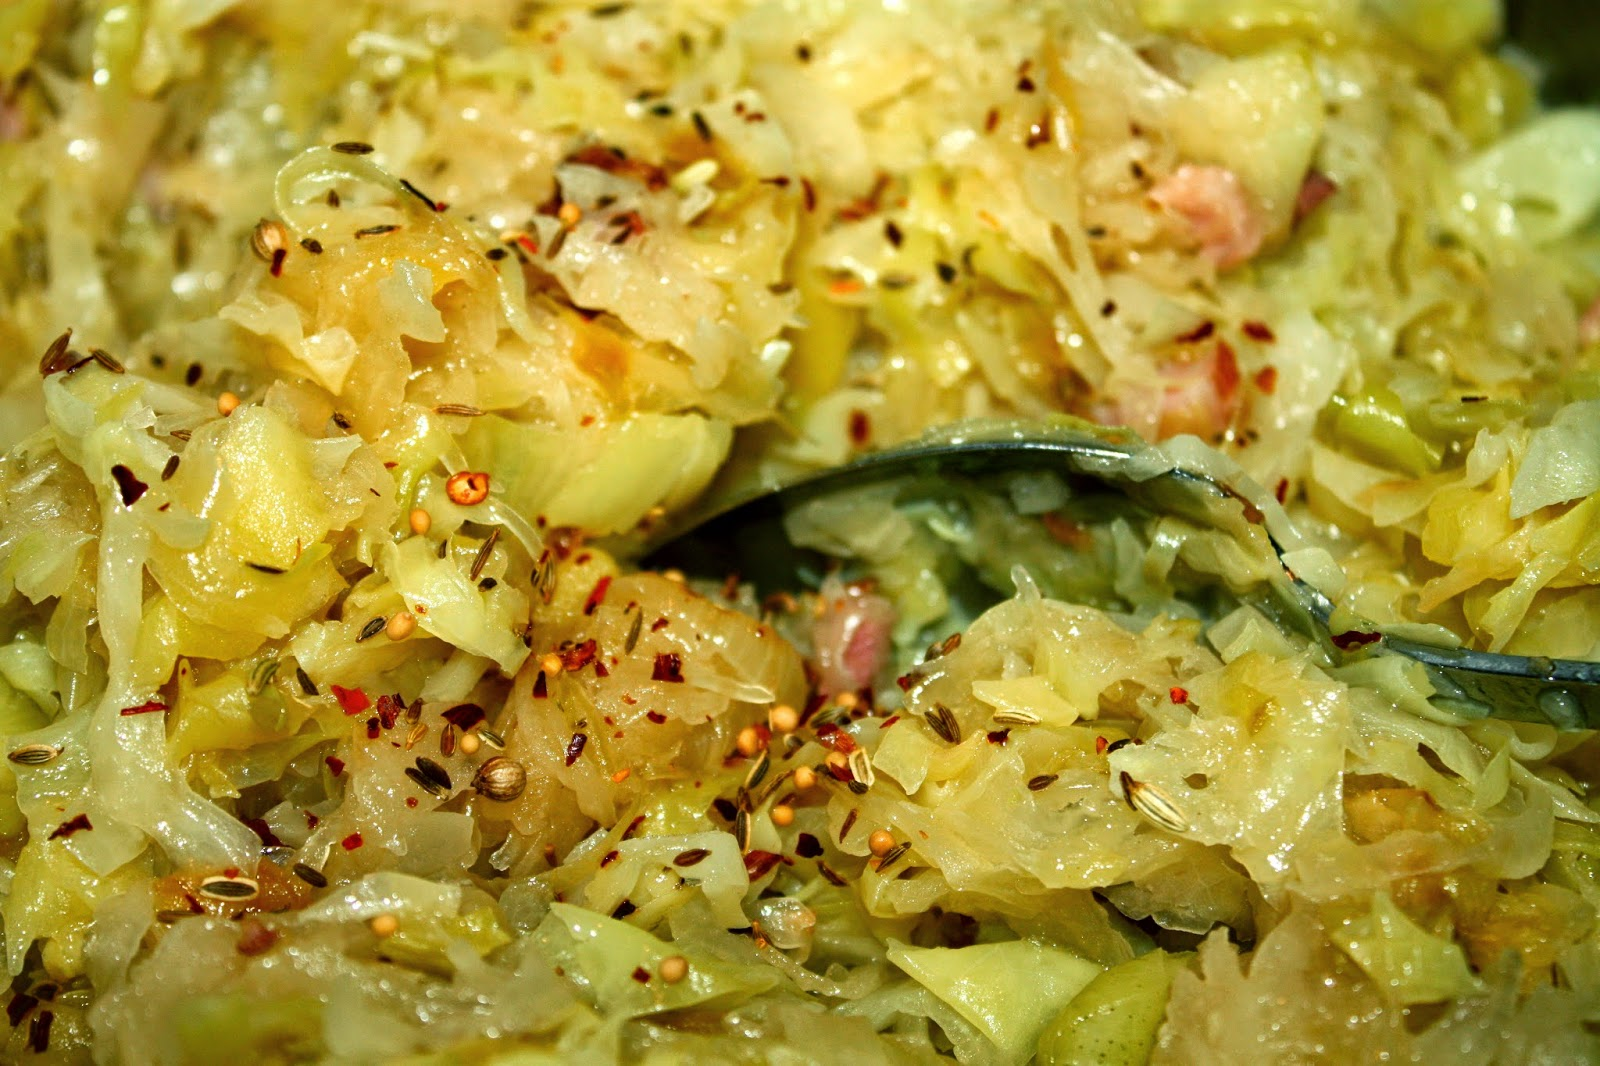 зенита блюда из кислой капусты рецепты с фото фамилия фамилия